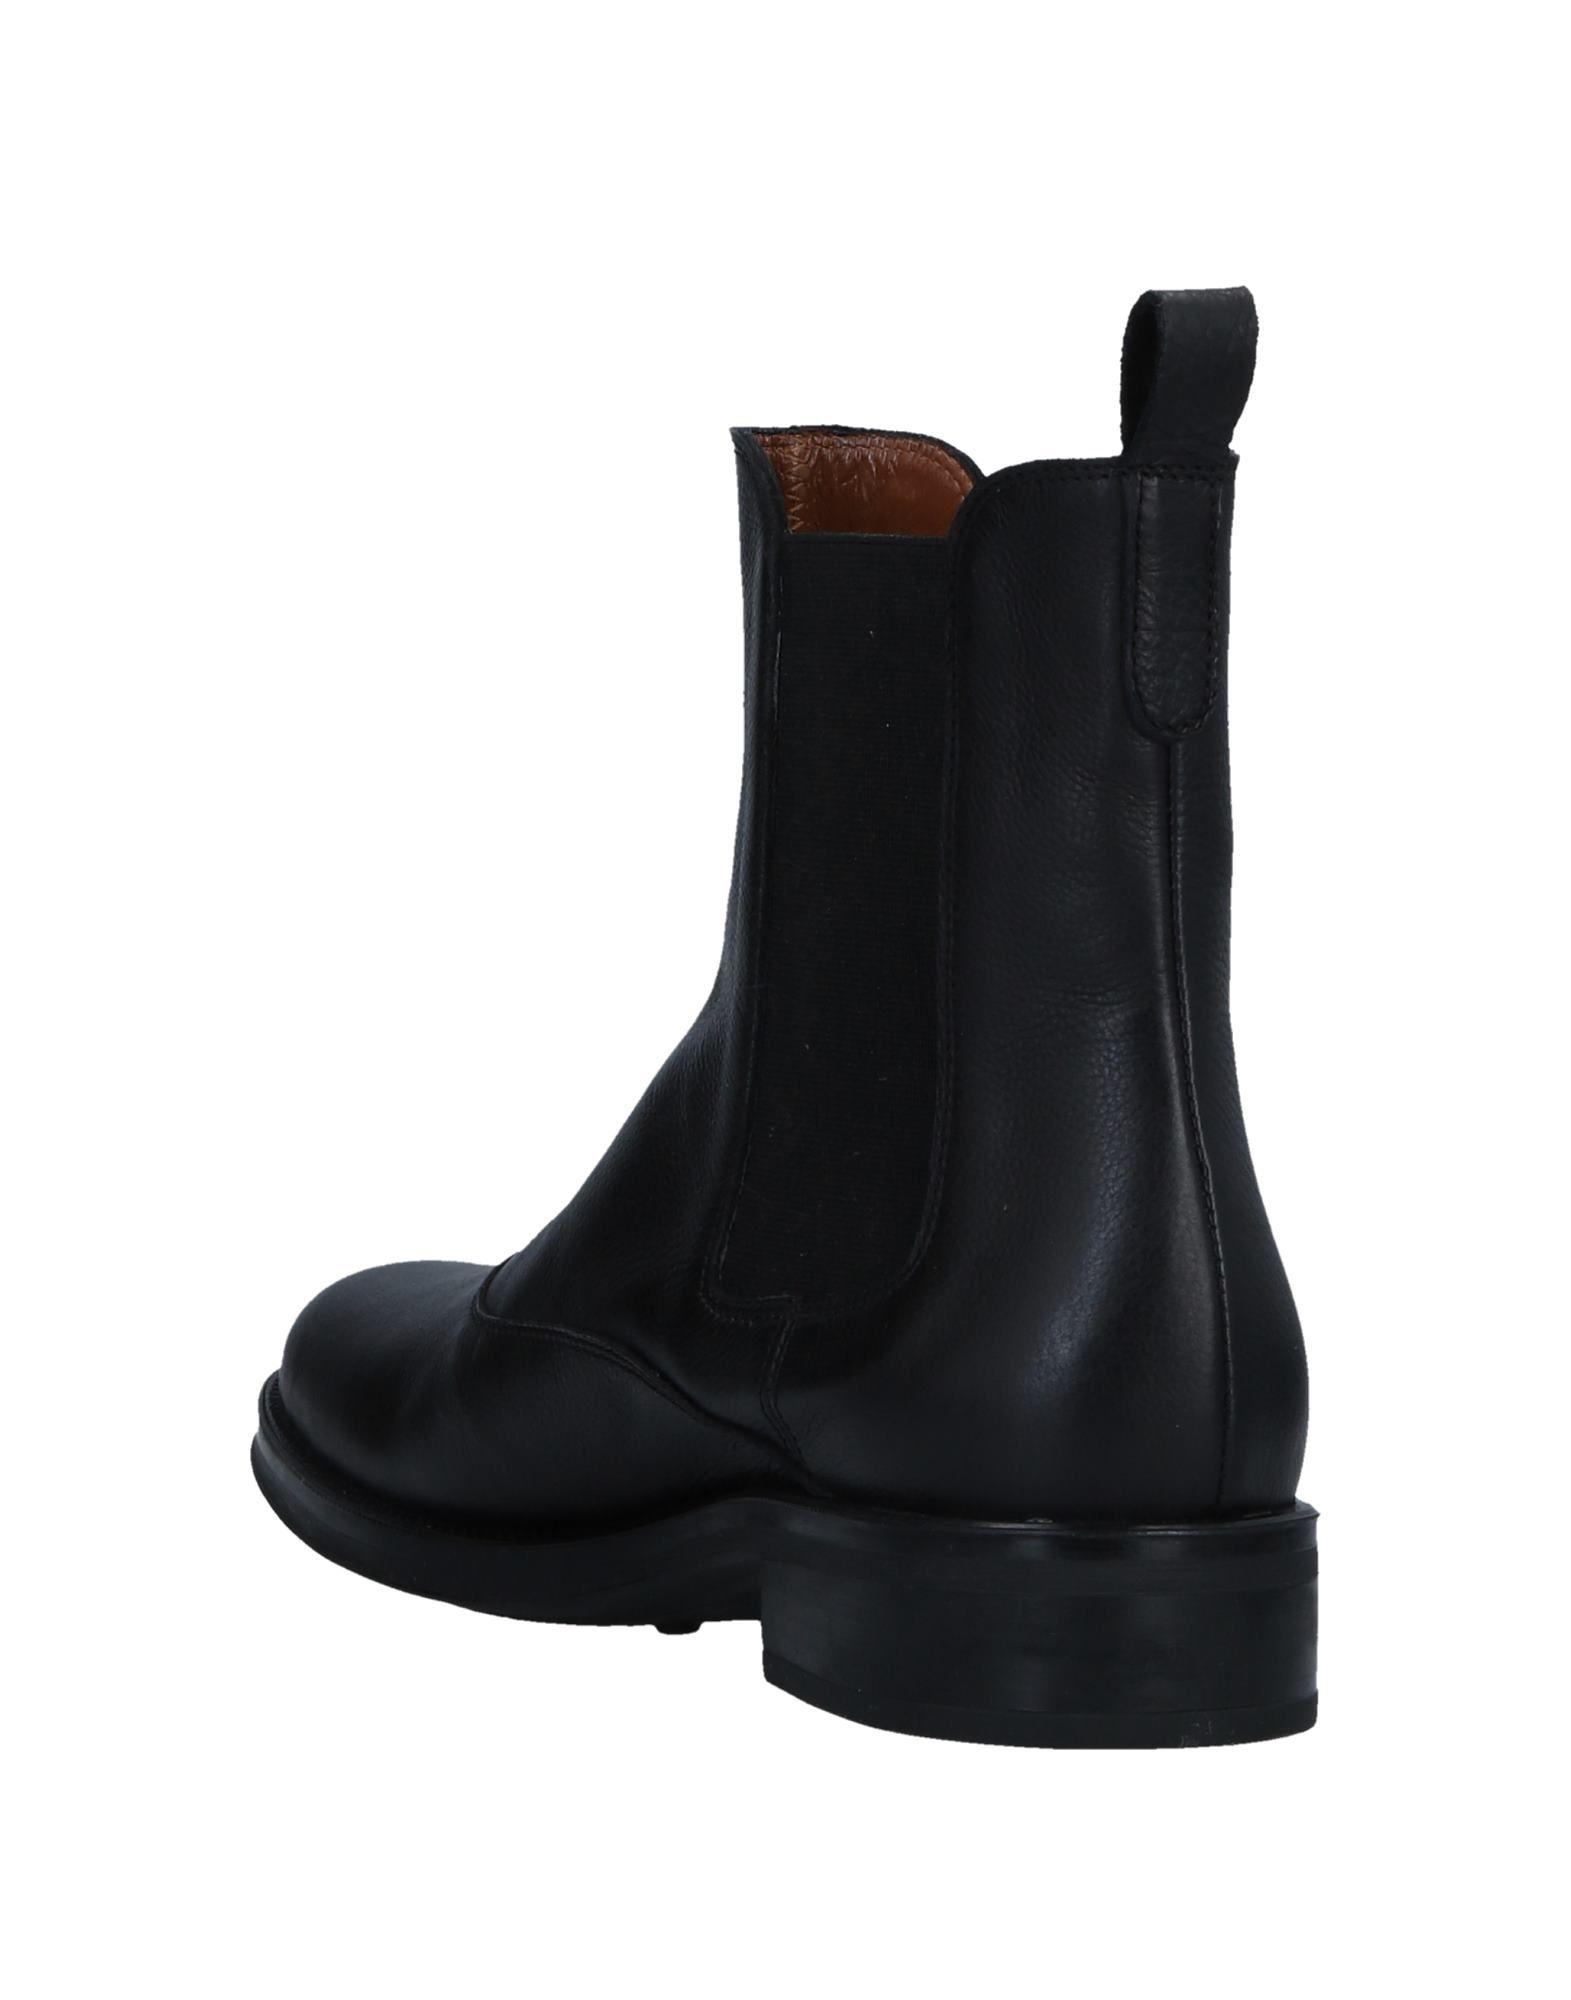 F.Lli 11520754FD Bruglia Chelsea Boots Damen  11520754FD F.Lli Neue Schuhe 286b94